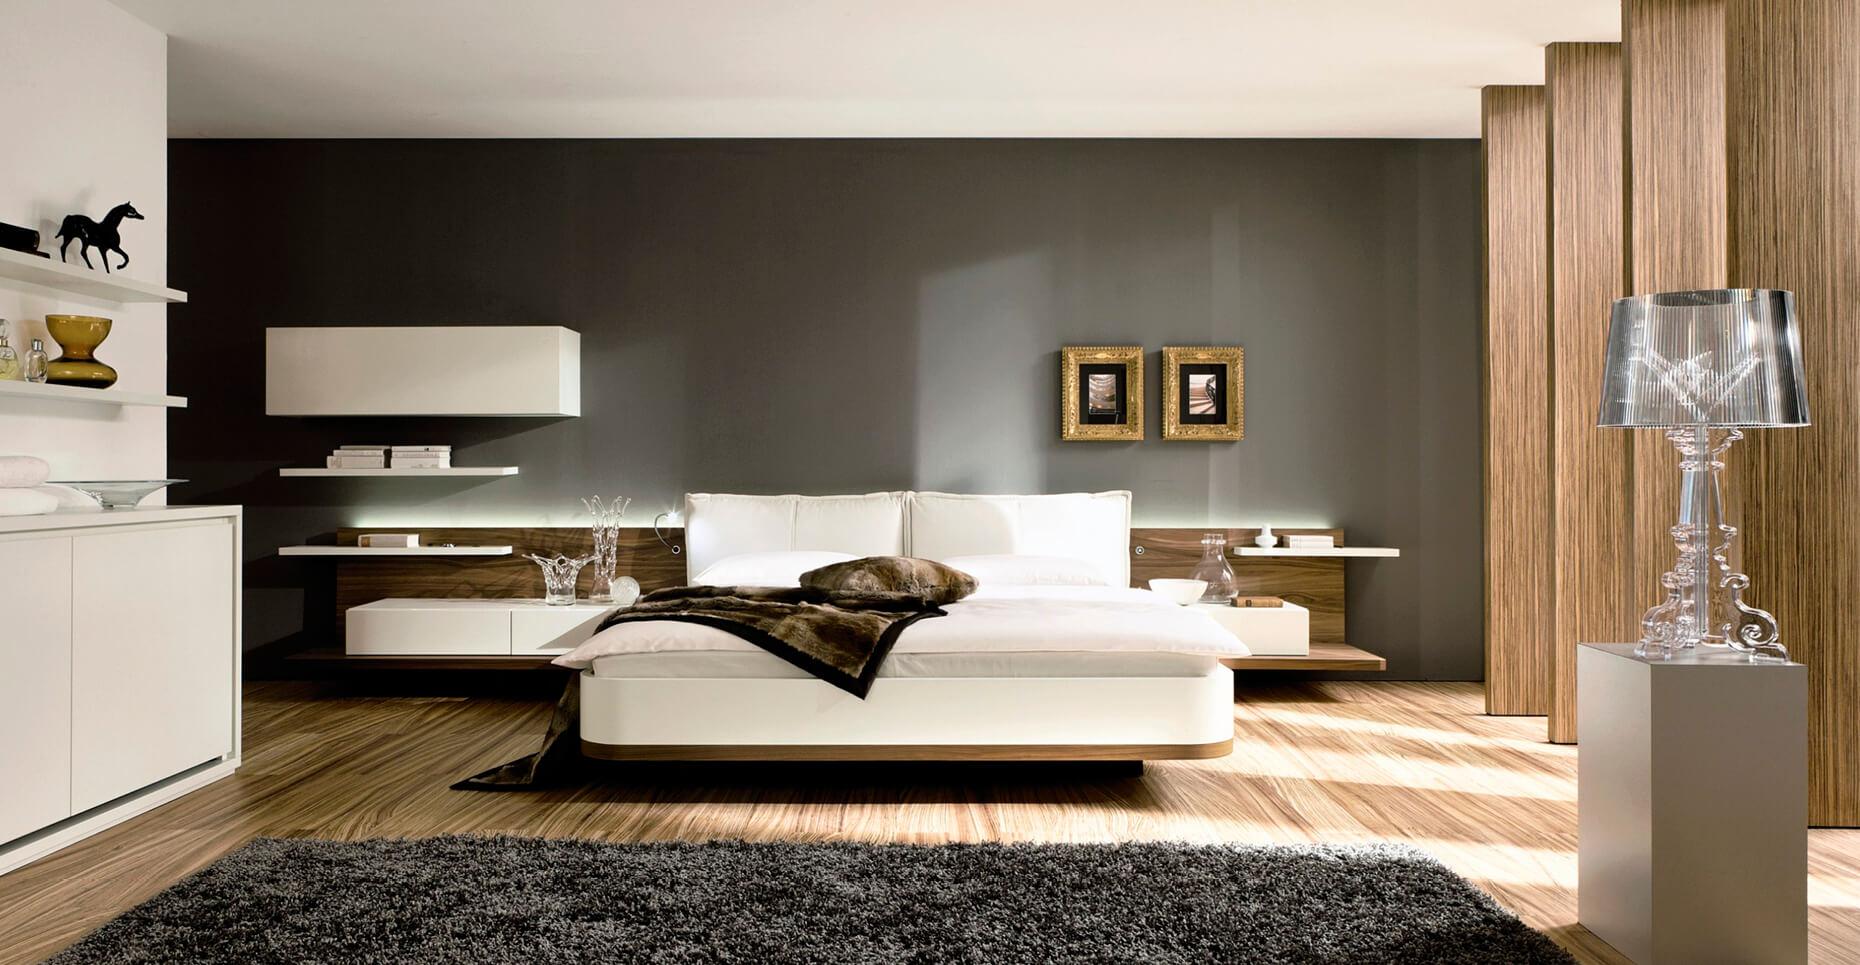 Achterwand Voor Slaapkamer : Achterwand slaapkamer auronde achterwand in kleur wenge with